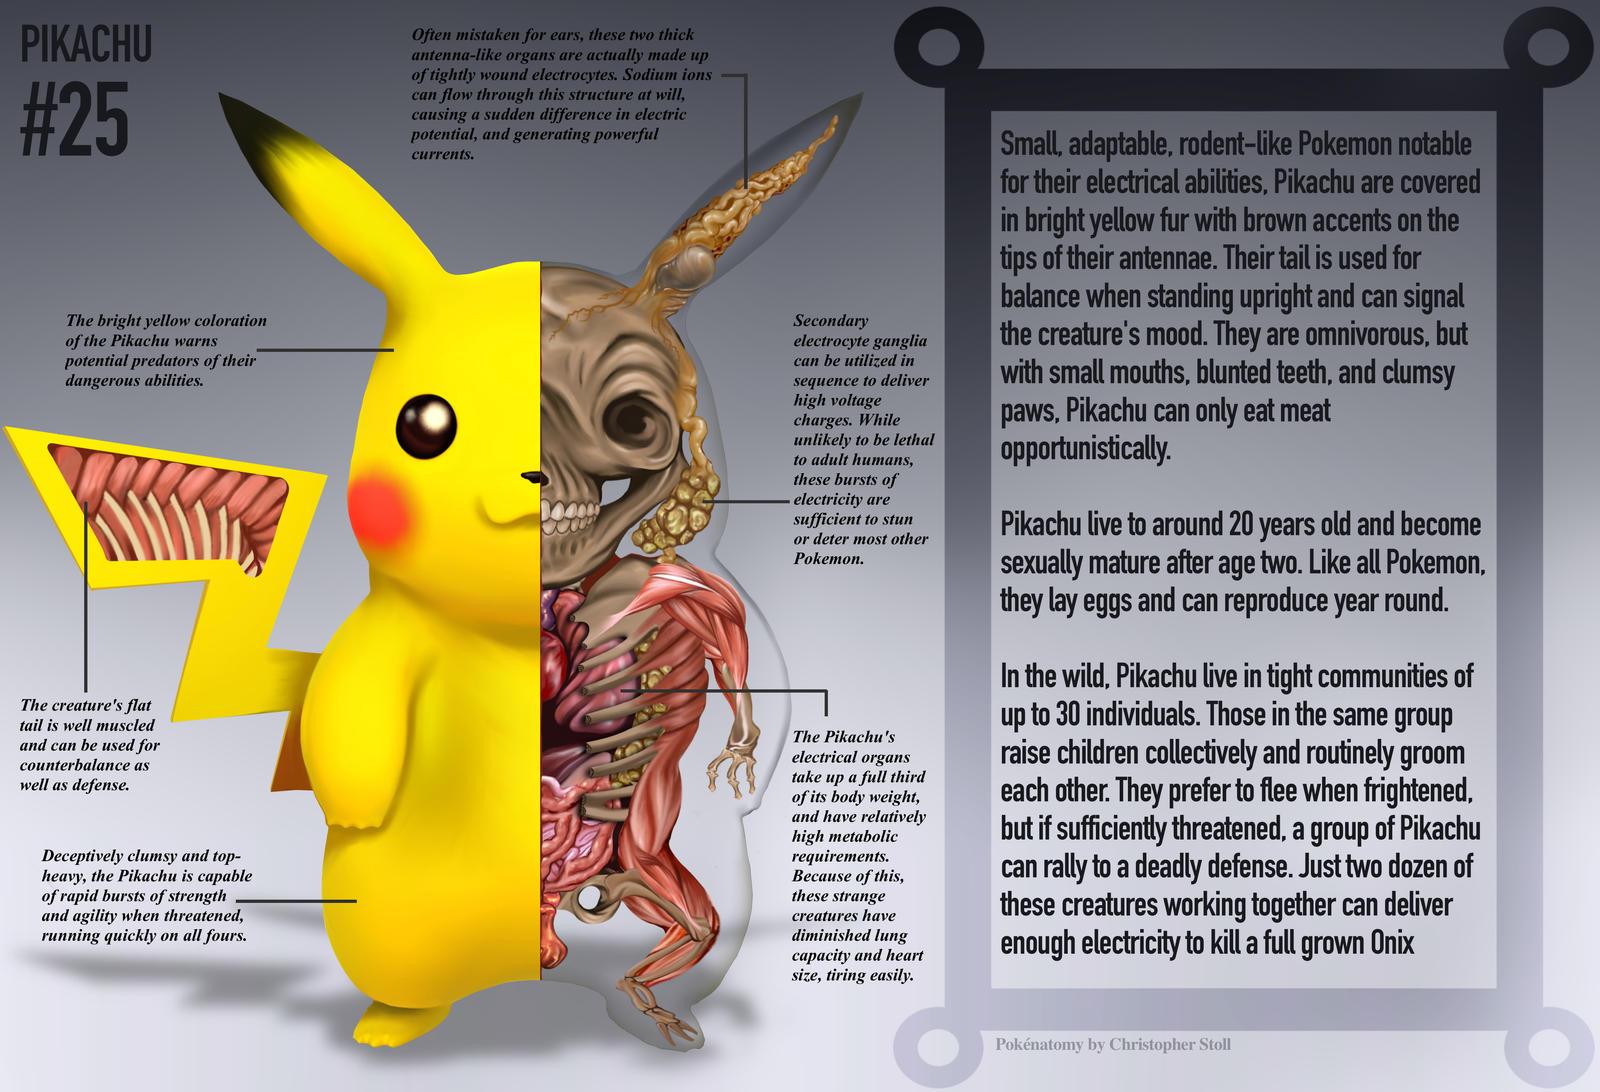 Pikachu Anatomy- Pokedex Entry